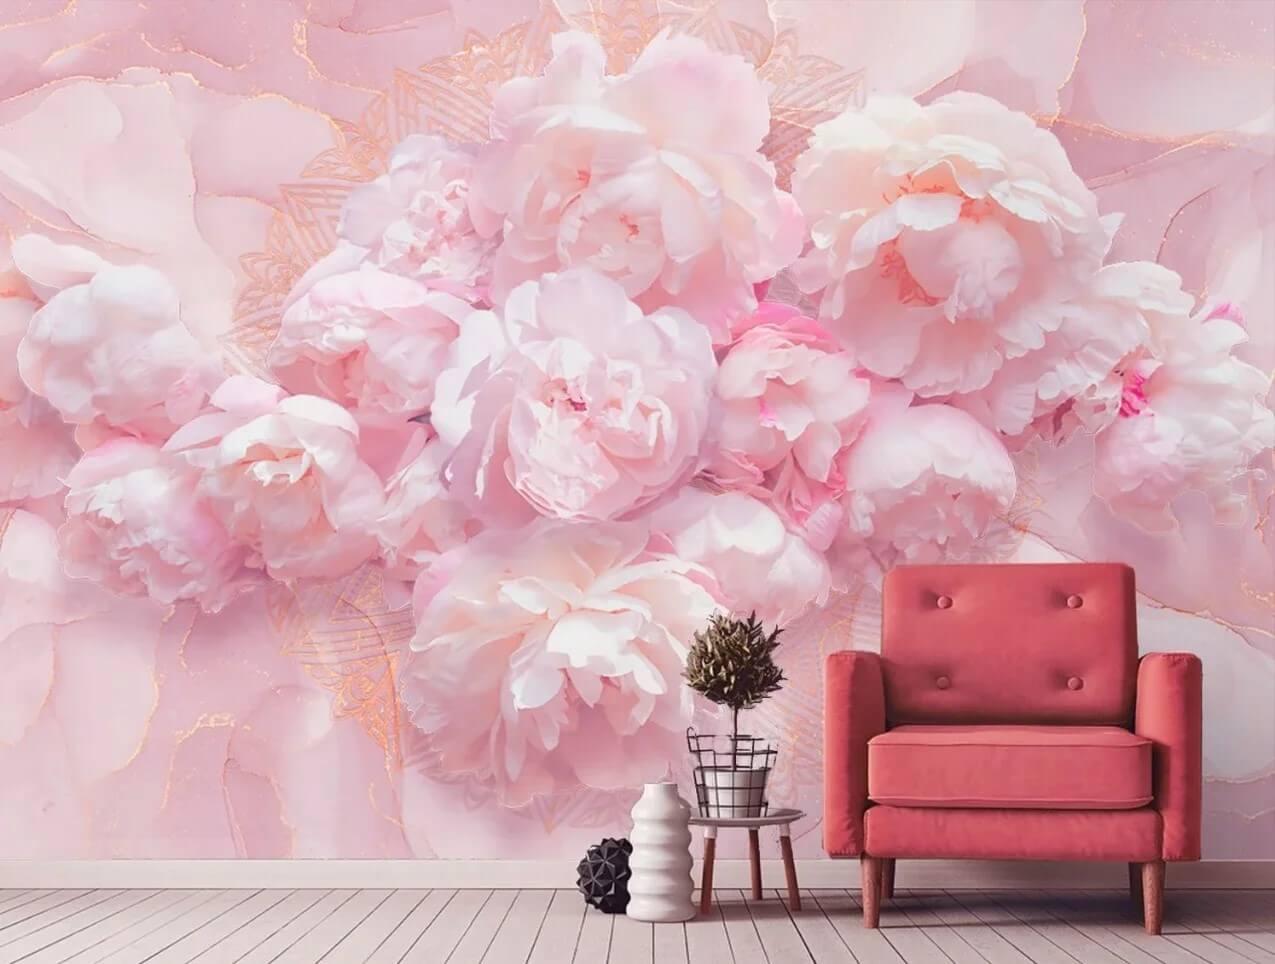 Как много времени мы проводим, продумывая дизайн собственной квартиры. Ведь самое важное – это создать не только красивое и эффектное окружение, но и интерьер, который будет вдохновлять нас каждый день. Фотообои для стен подойдут любителям оригинальных решений в интерьере. Фотообои в детскую создадут уникальную игровую атмосферу. Фотообои с цветами на стену сделают вашу гостиную необыкновенно эффектной. Фотообои с абстракцией понравятся любителям современного искусства.